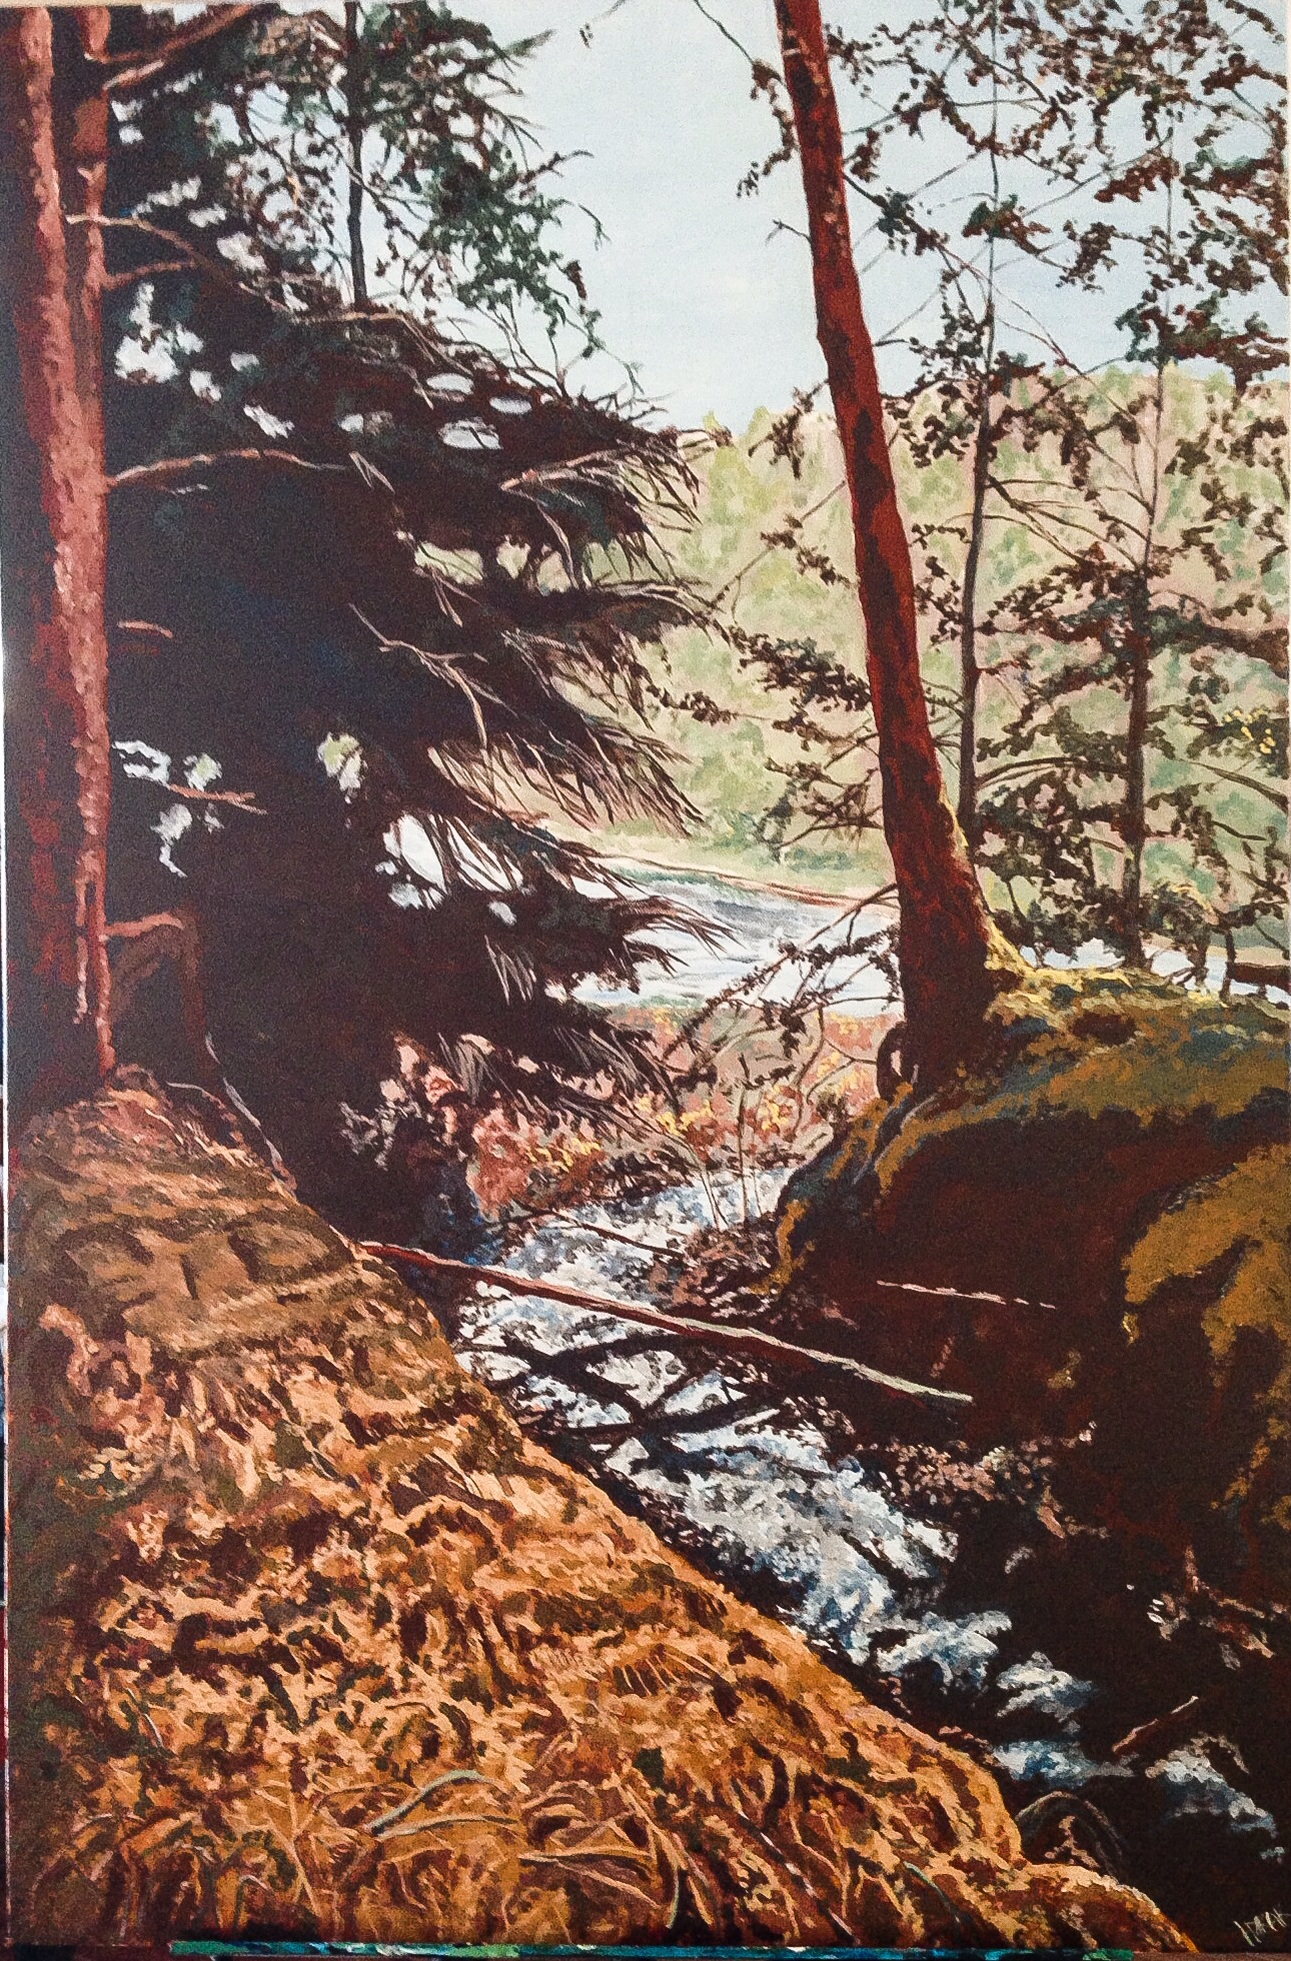 """Haida Gwaii, 2. Acrylic on Canvass. 24""""x36"""""""